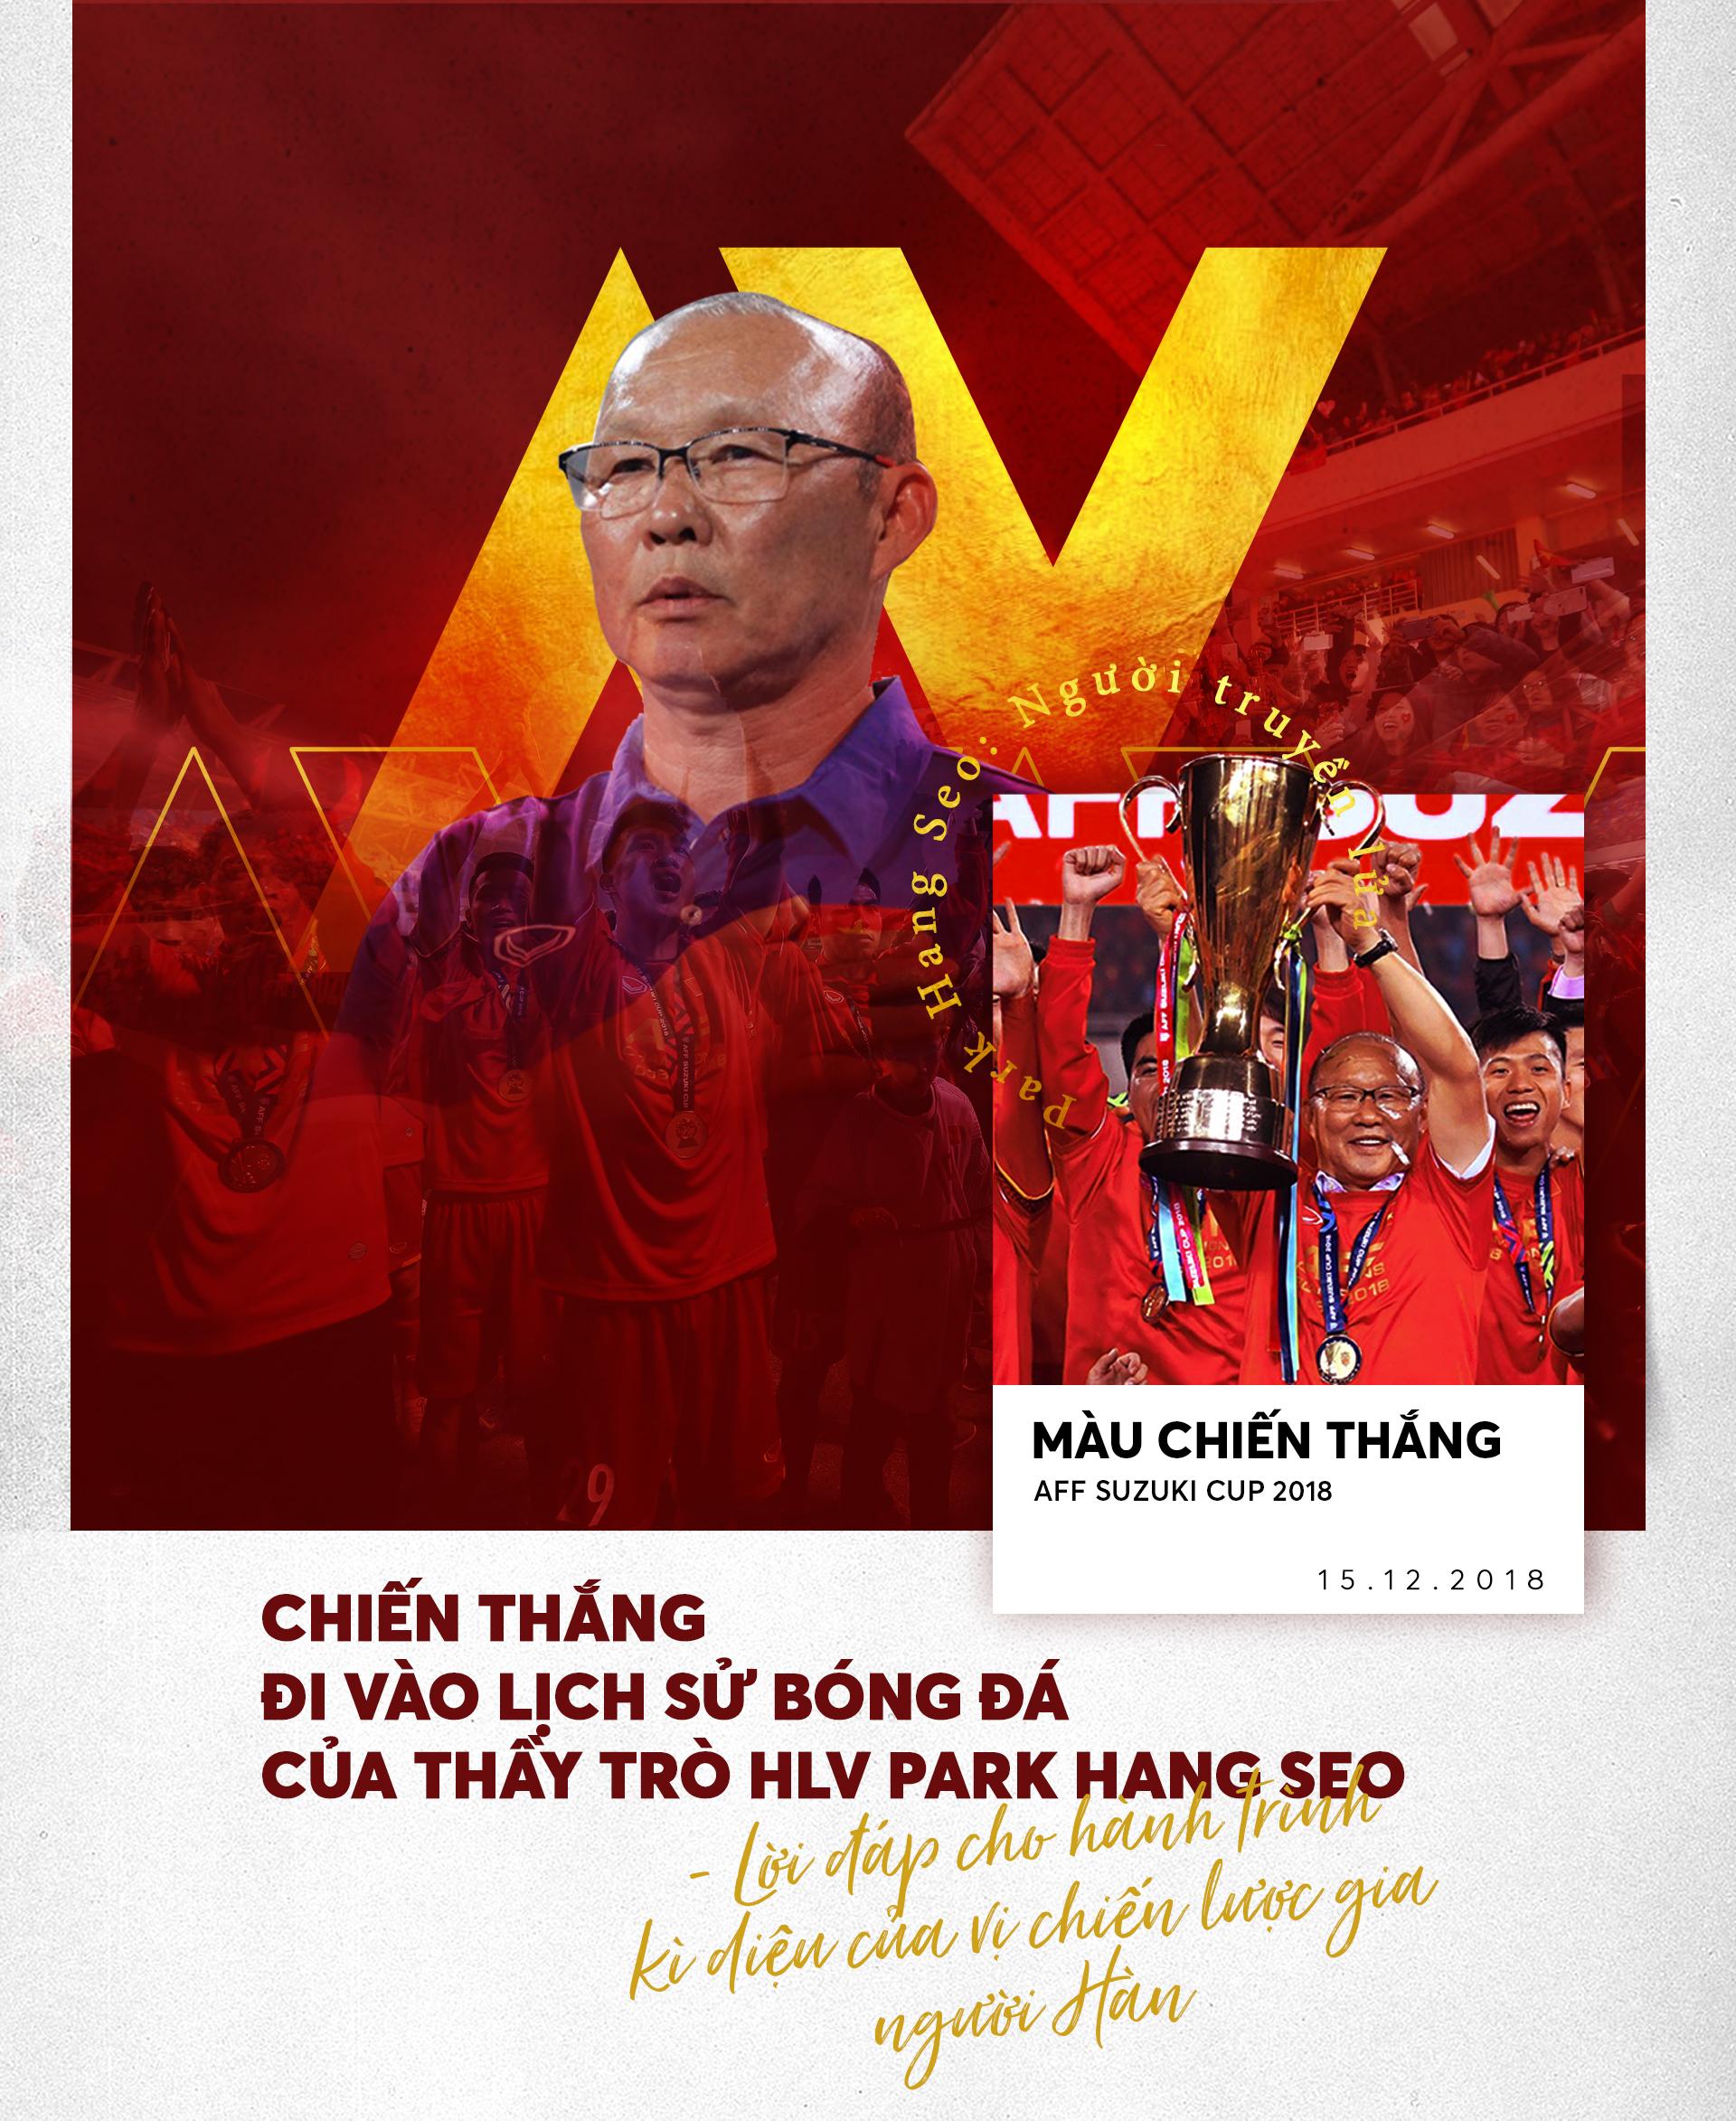 'Park Hang Seo - Người truyền lửa' và chiến thắng lịch sử: Lời đáp cho hành trình kì diệu